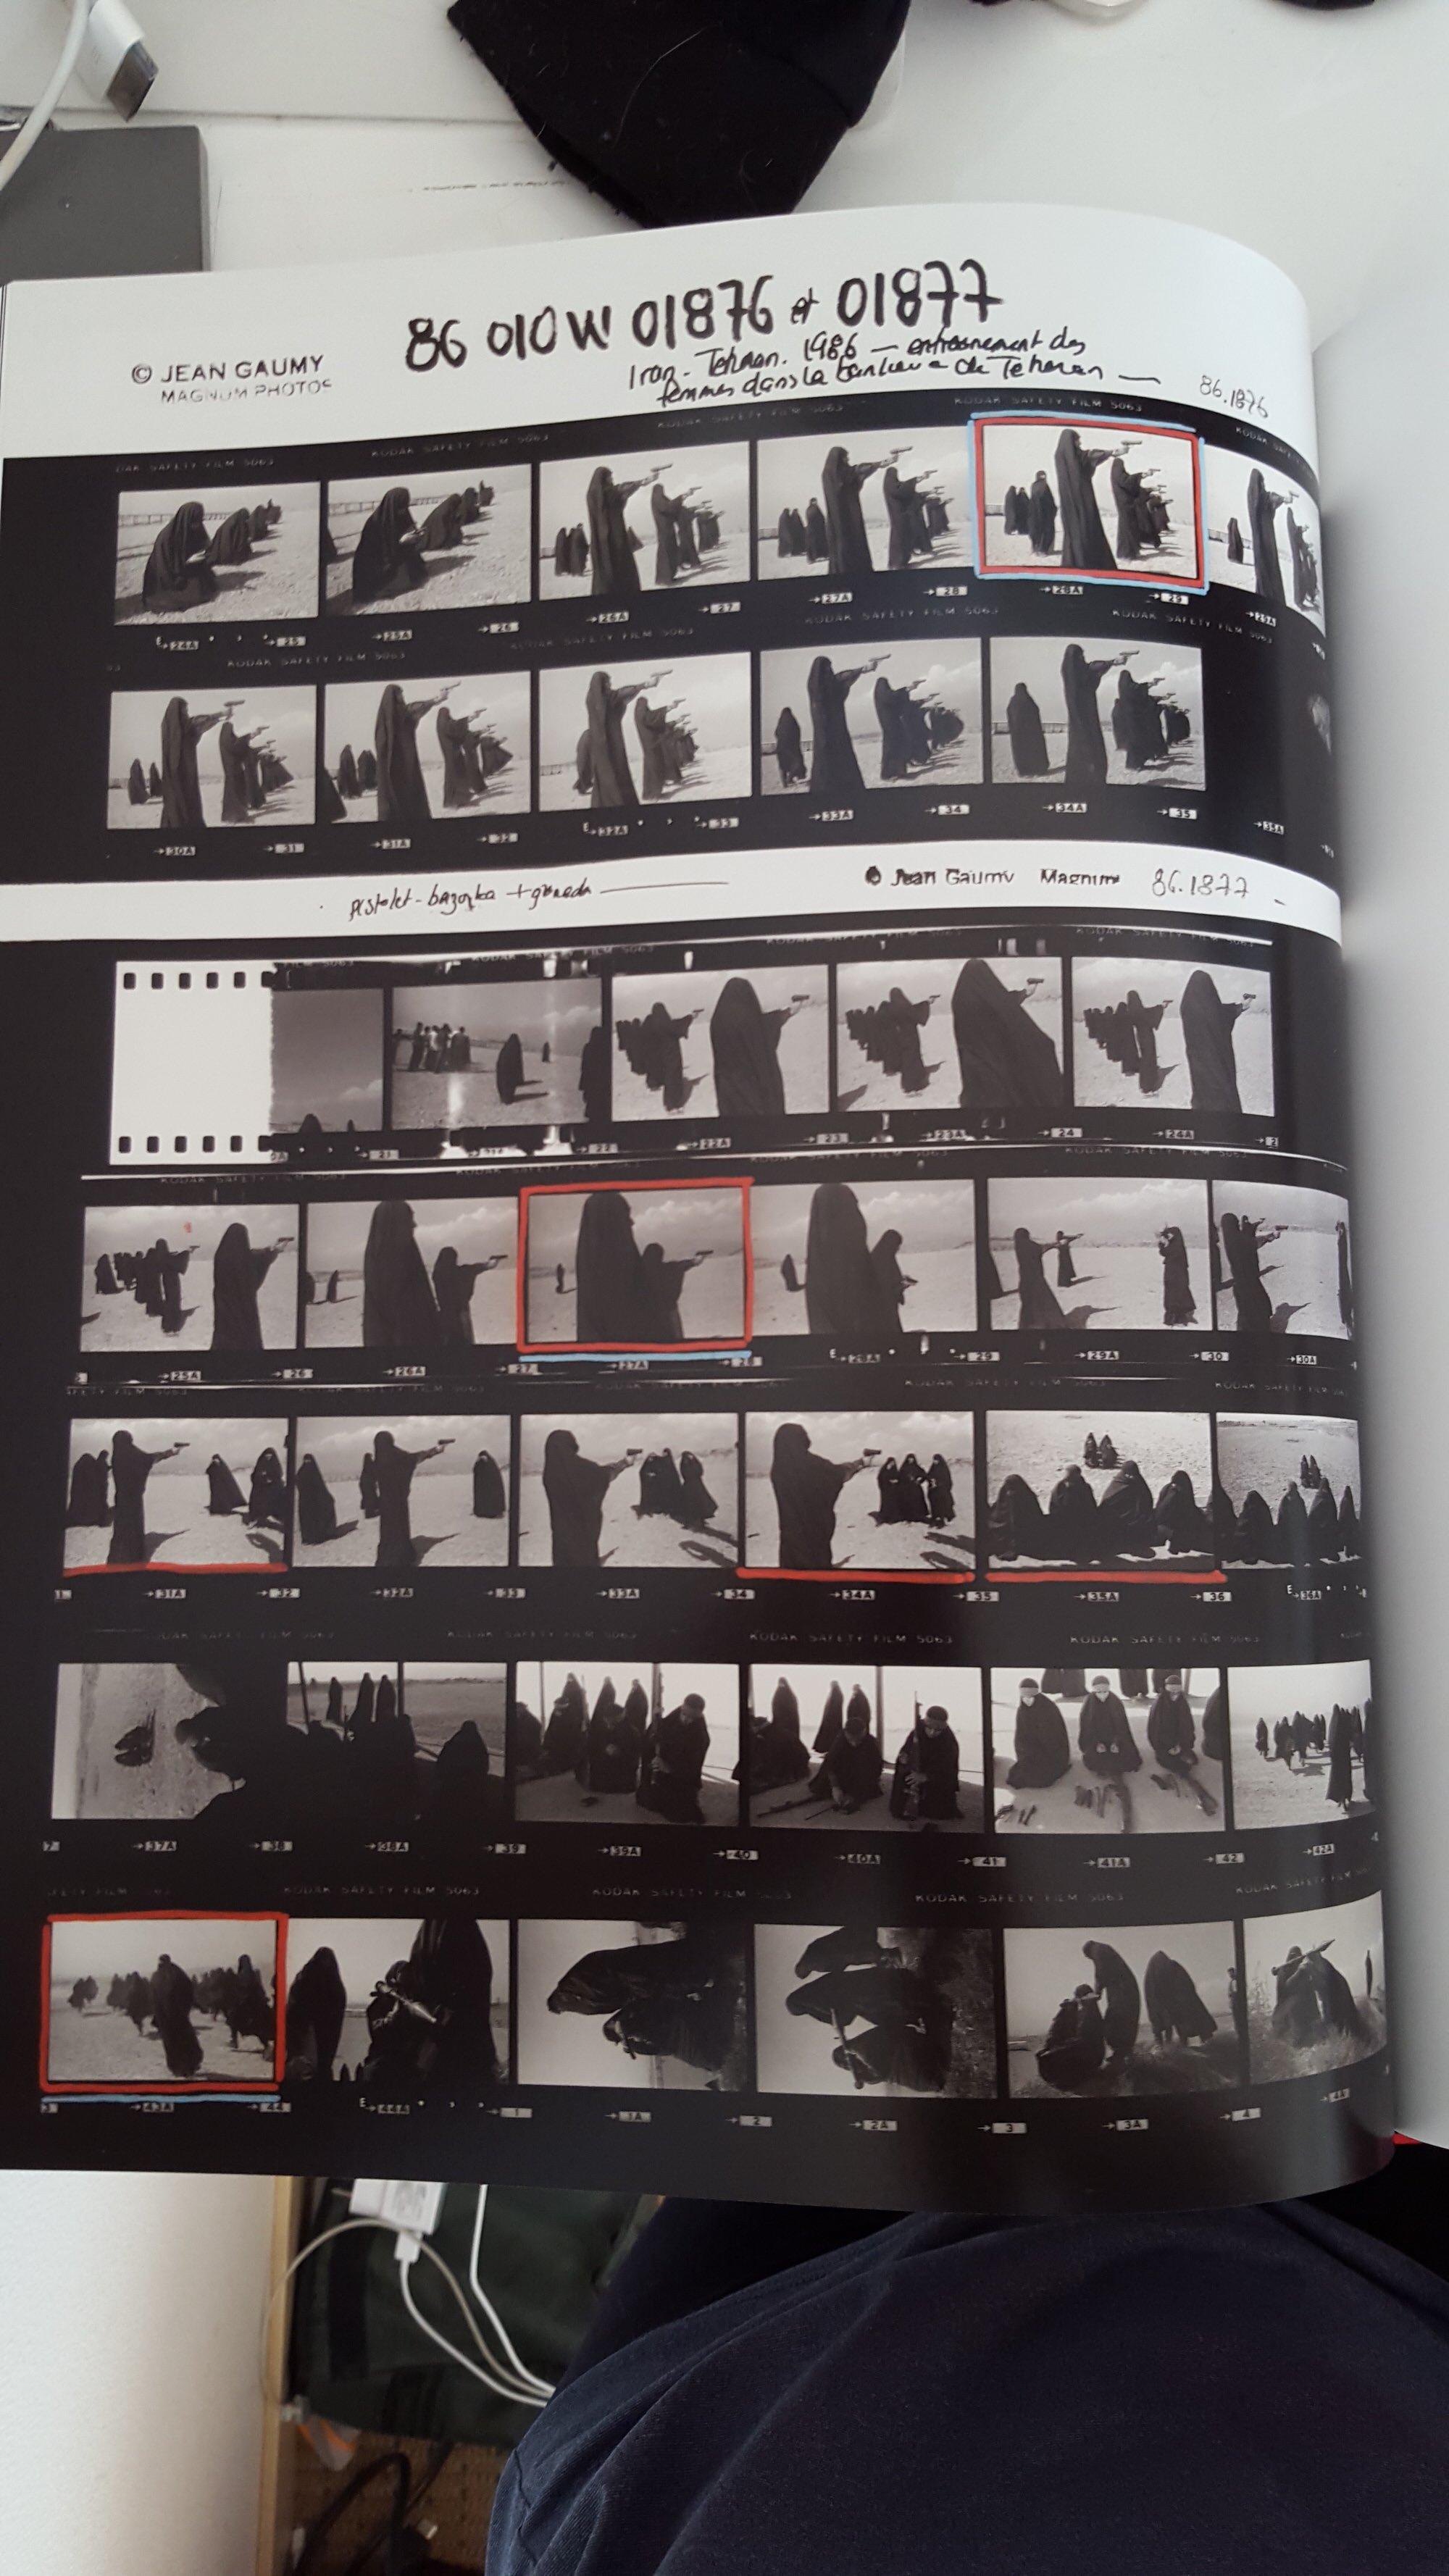 Jean Gaumy contact sheet- women burka - shooting guns1